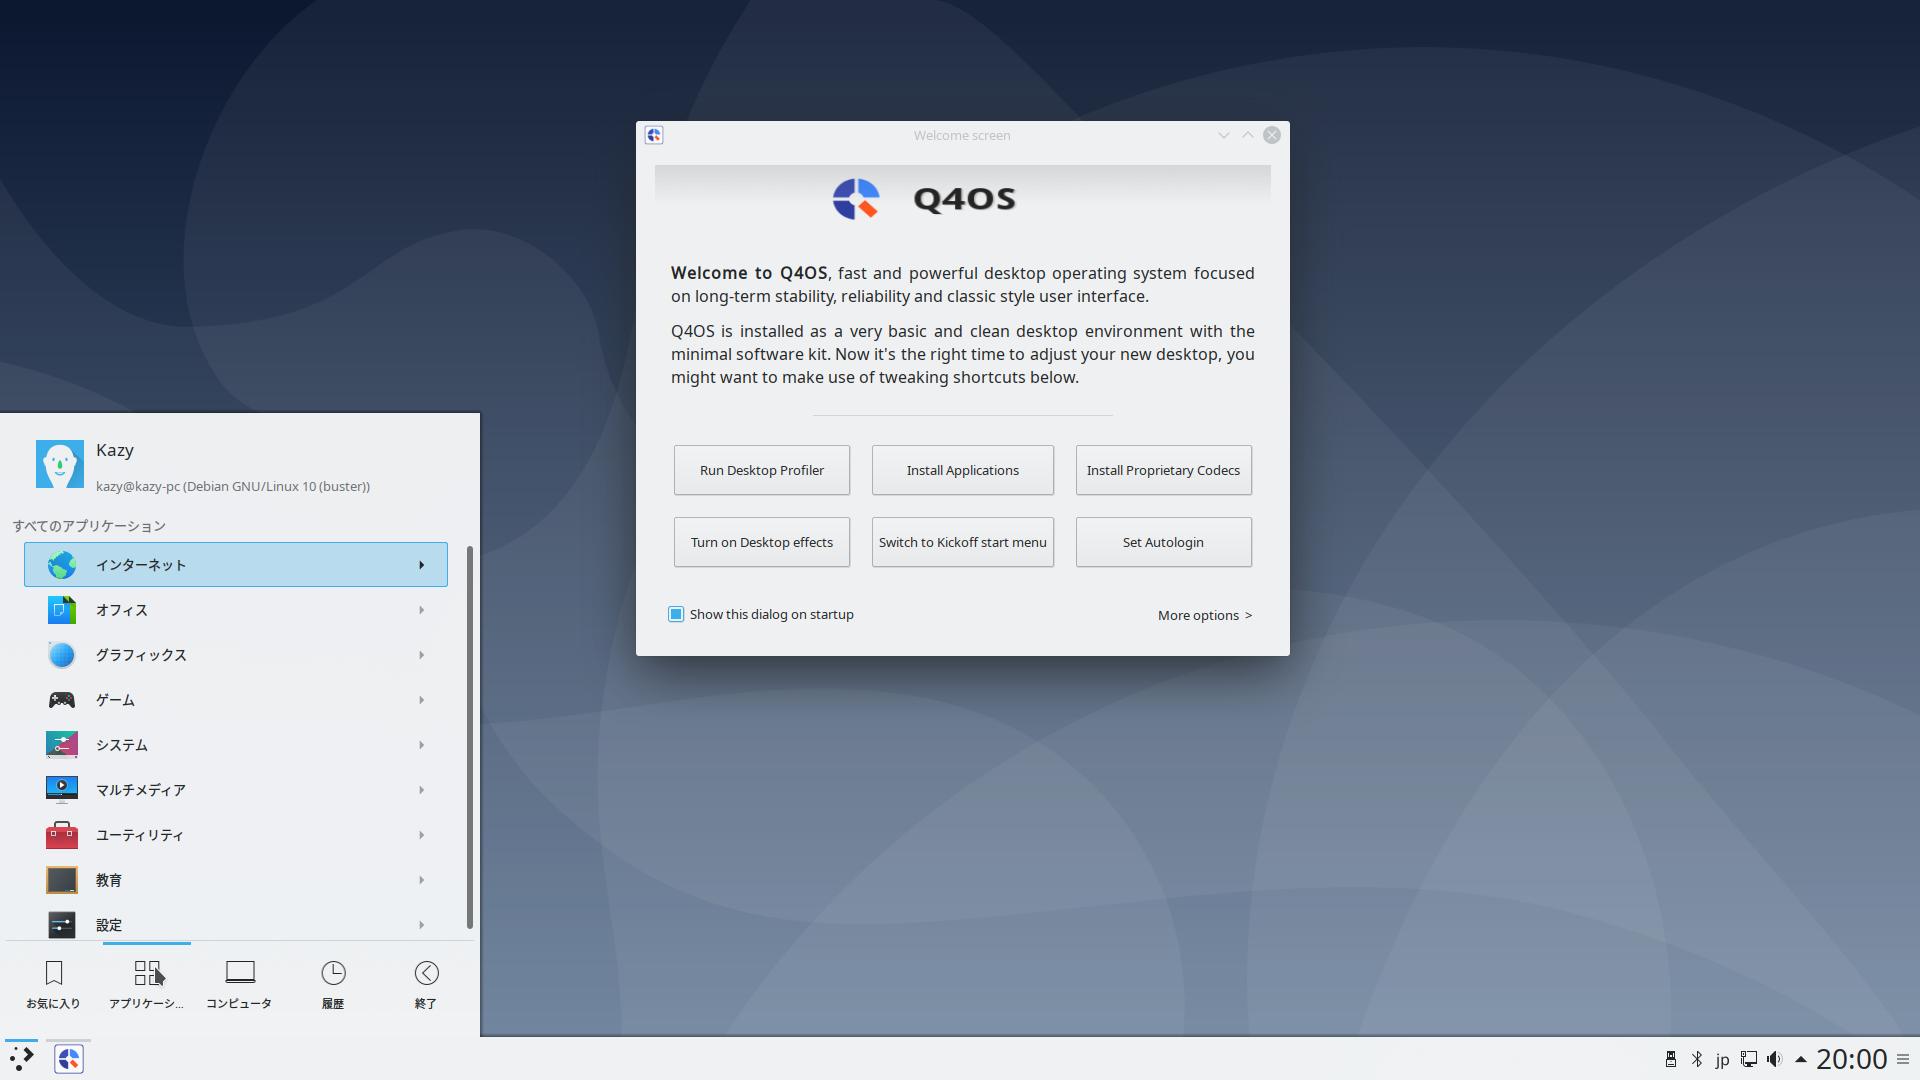 Q4OS_64bit デスクトップ